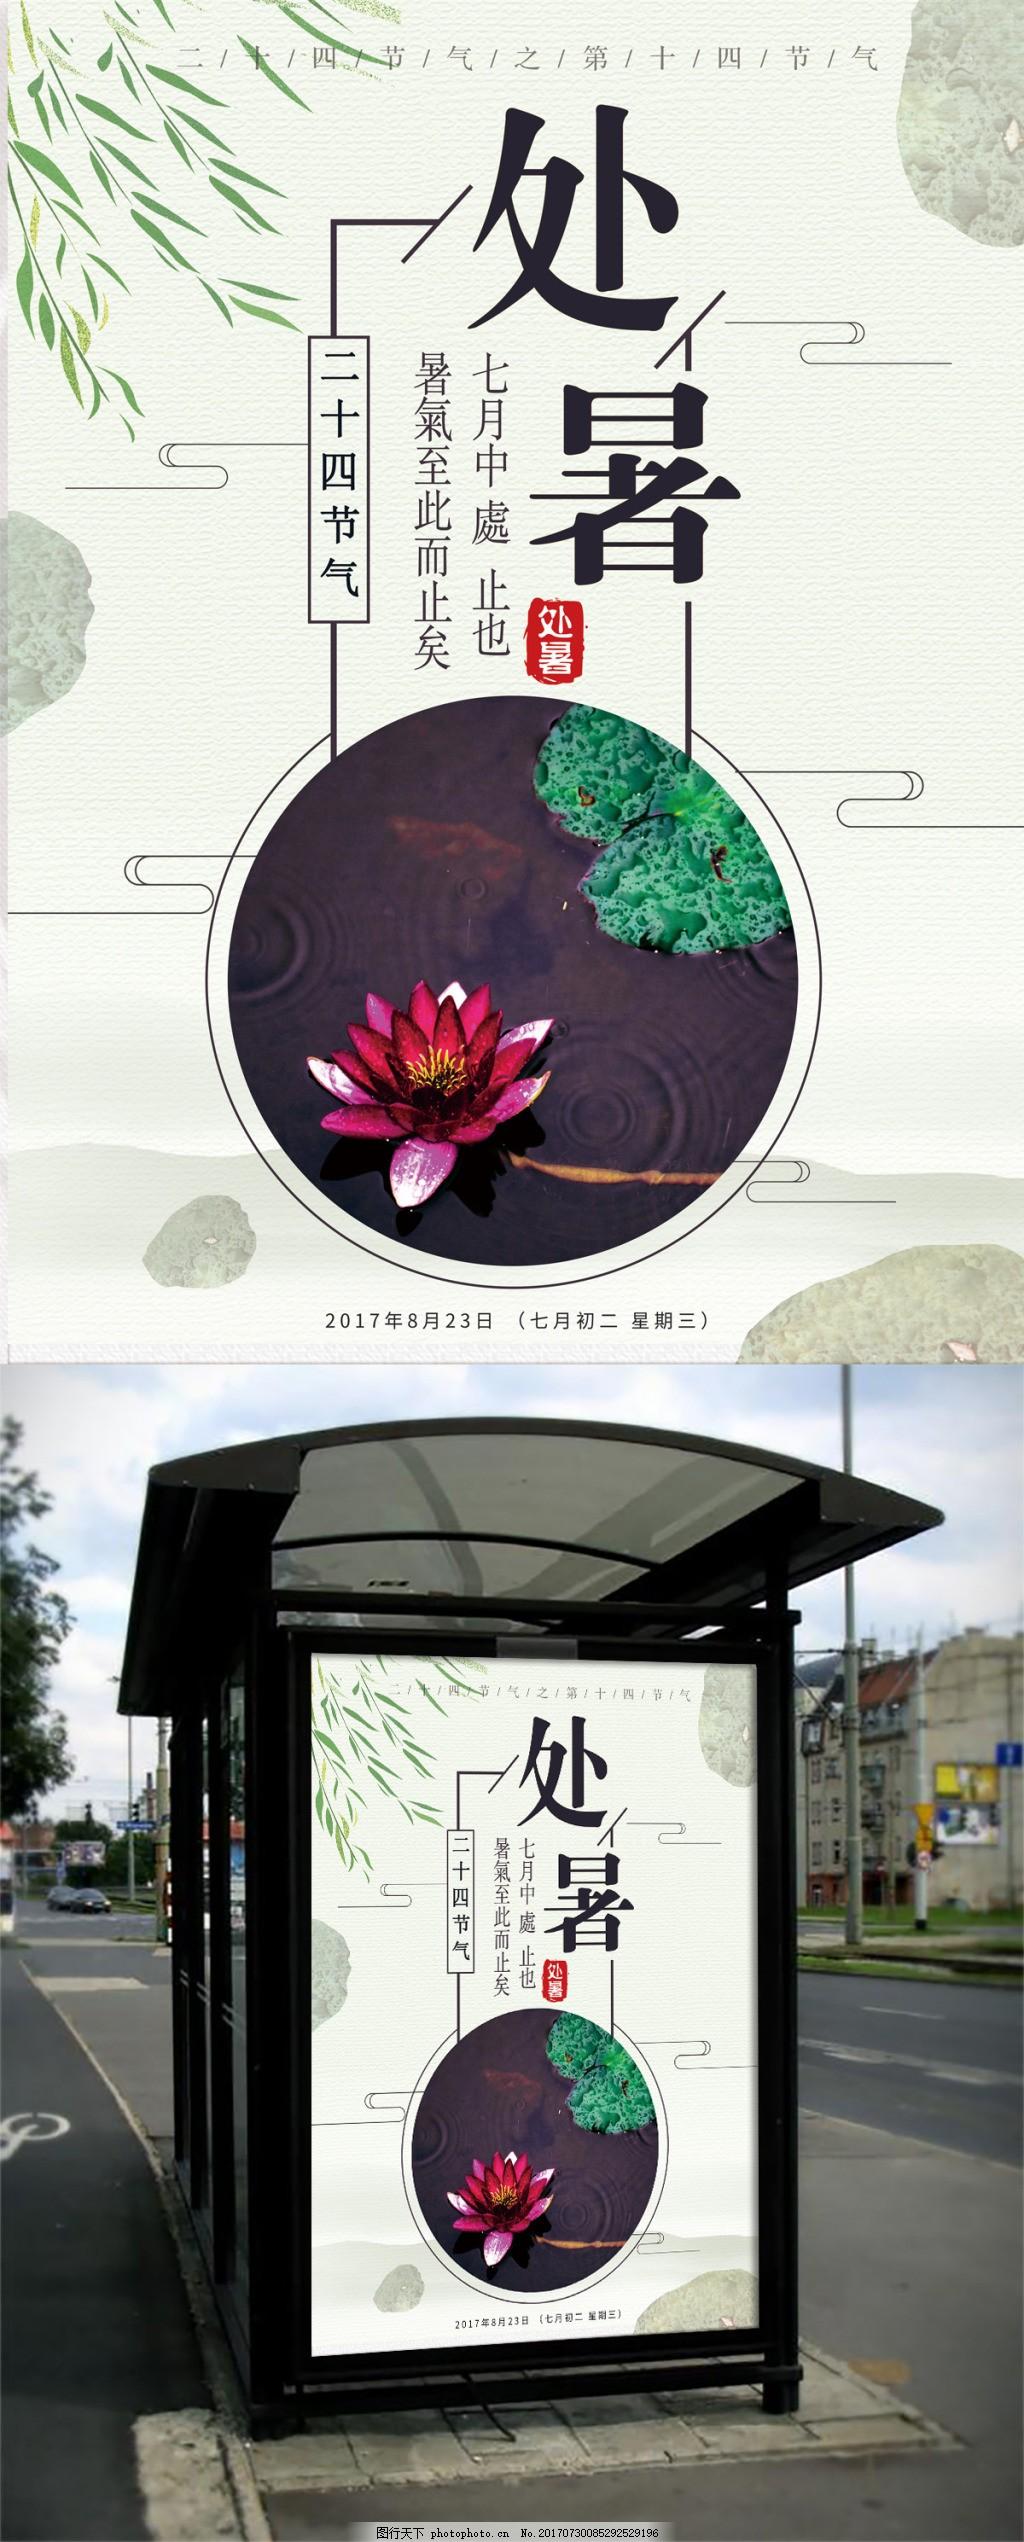 二十四节气之处暑文艺荷塘海报设计 节日 创意荷塘 绿色 夏天 高清海报